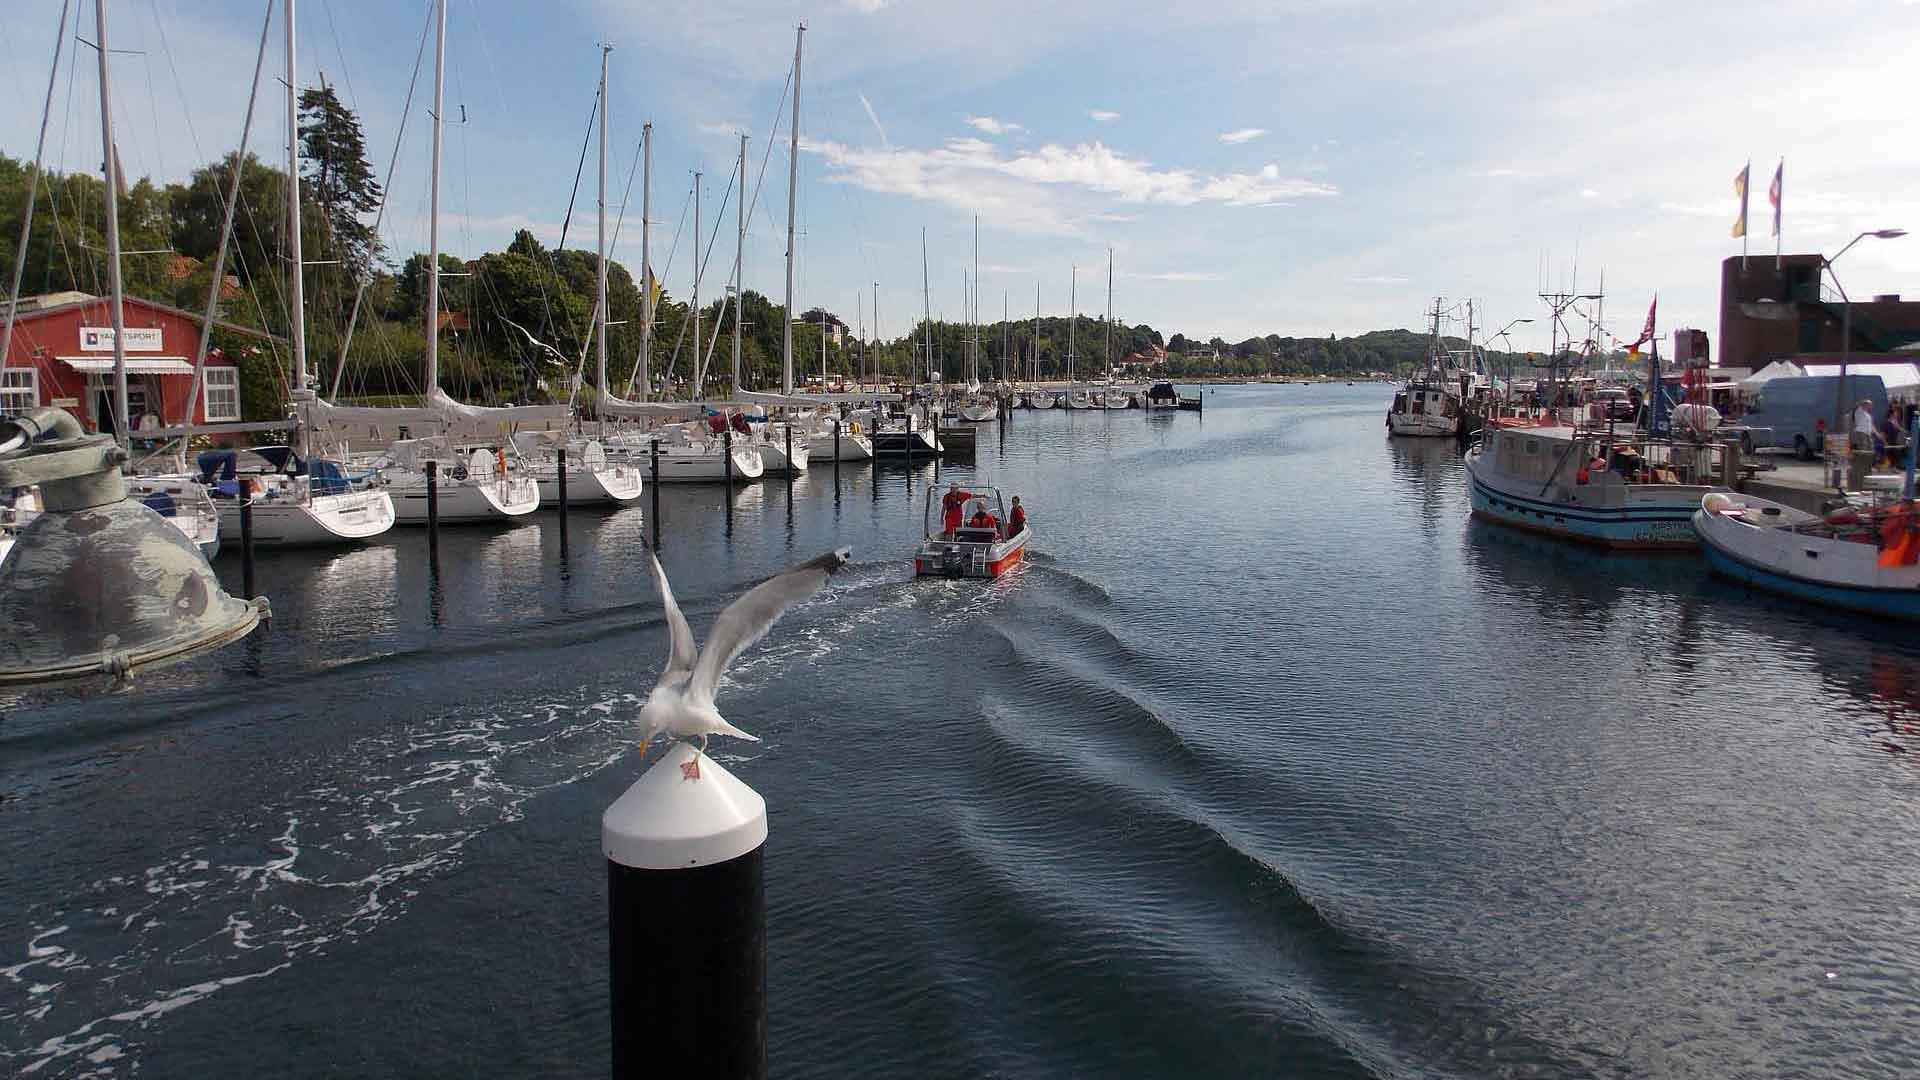 De havenplaats Eckernförde ligt aan een diepe inham van de Oostzee.